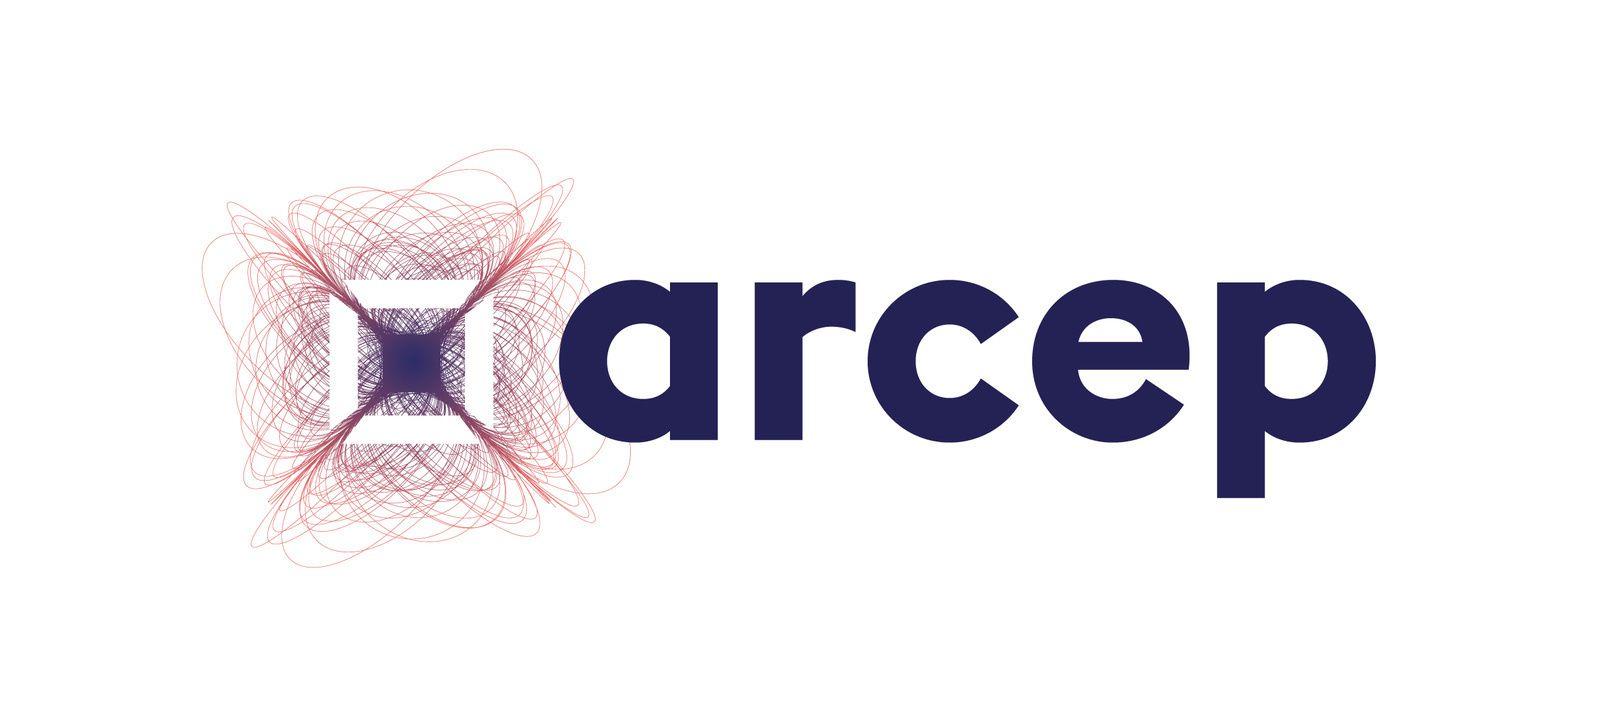 [consultation publique] L'Arcep voudrait prolonger les fréquences attribuées à Orange en bande 900 MHz (Mayotte) et en bandes 900 MHz et 1800 MHz (La Réunion)